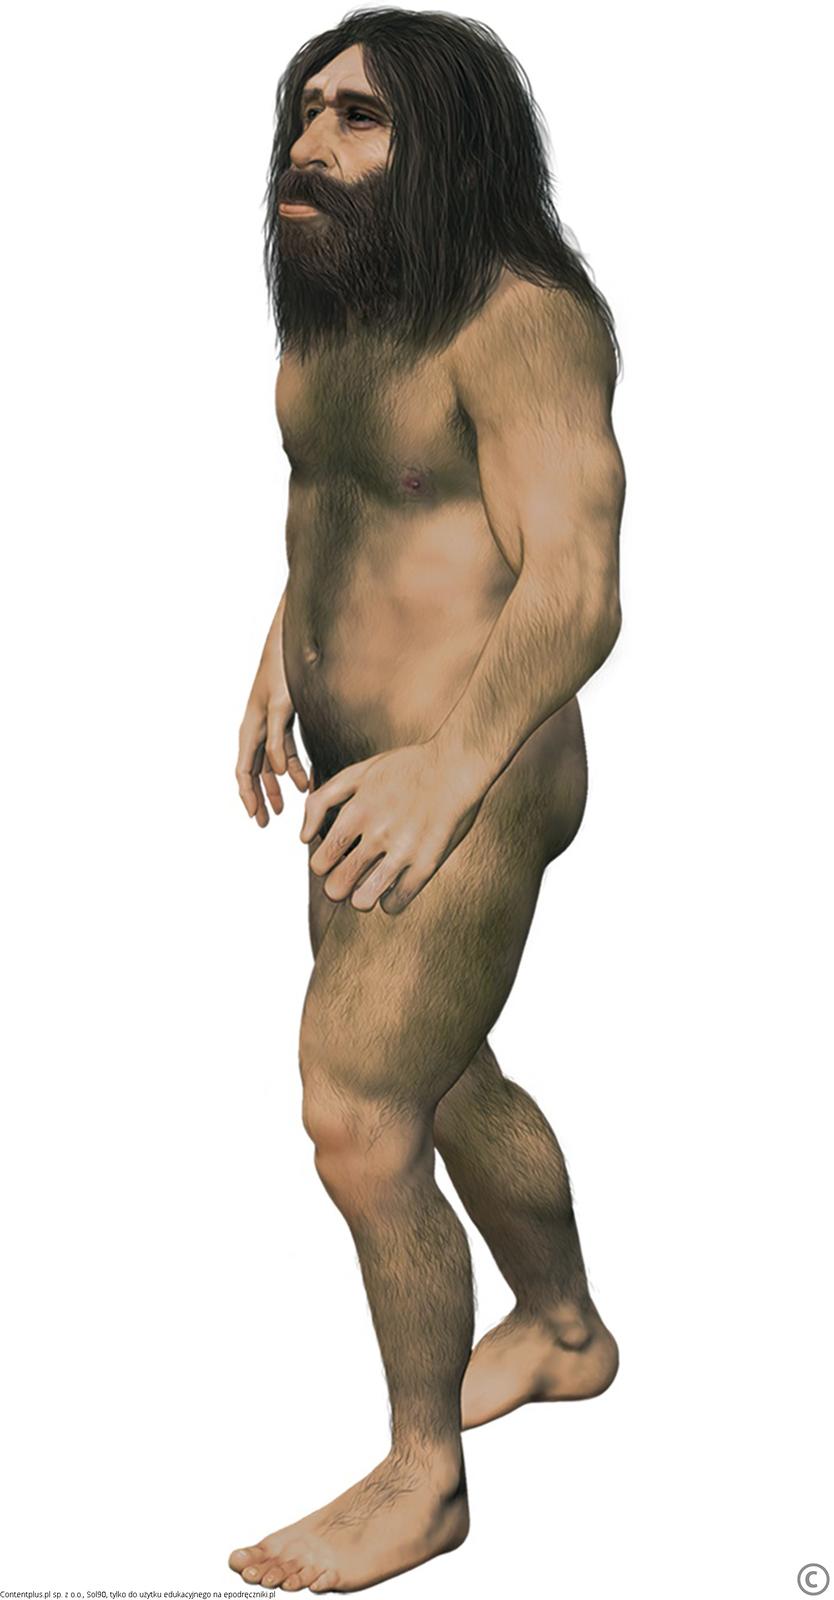 Wyprostowany, długowłosy człowiek obudowie ciała bardzo podobnej do budowy ciała człowieka współczesnego, lecz ocharakterystycznej twarzy zgłębokimi oczodołami.